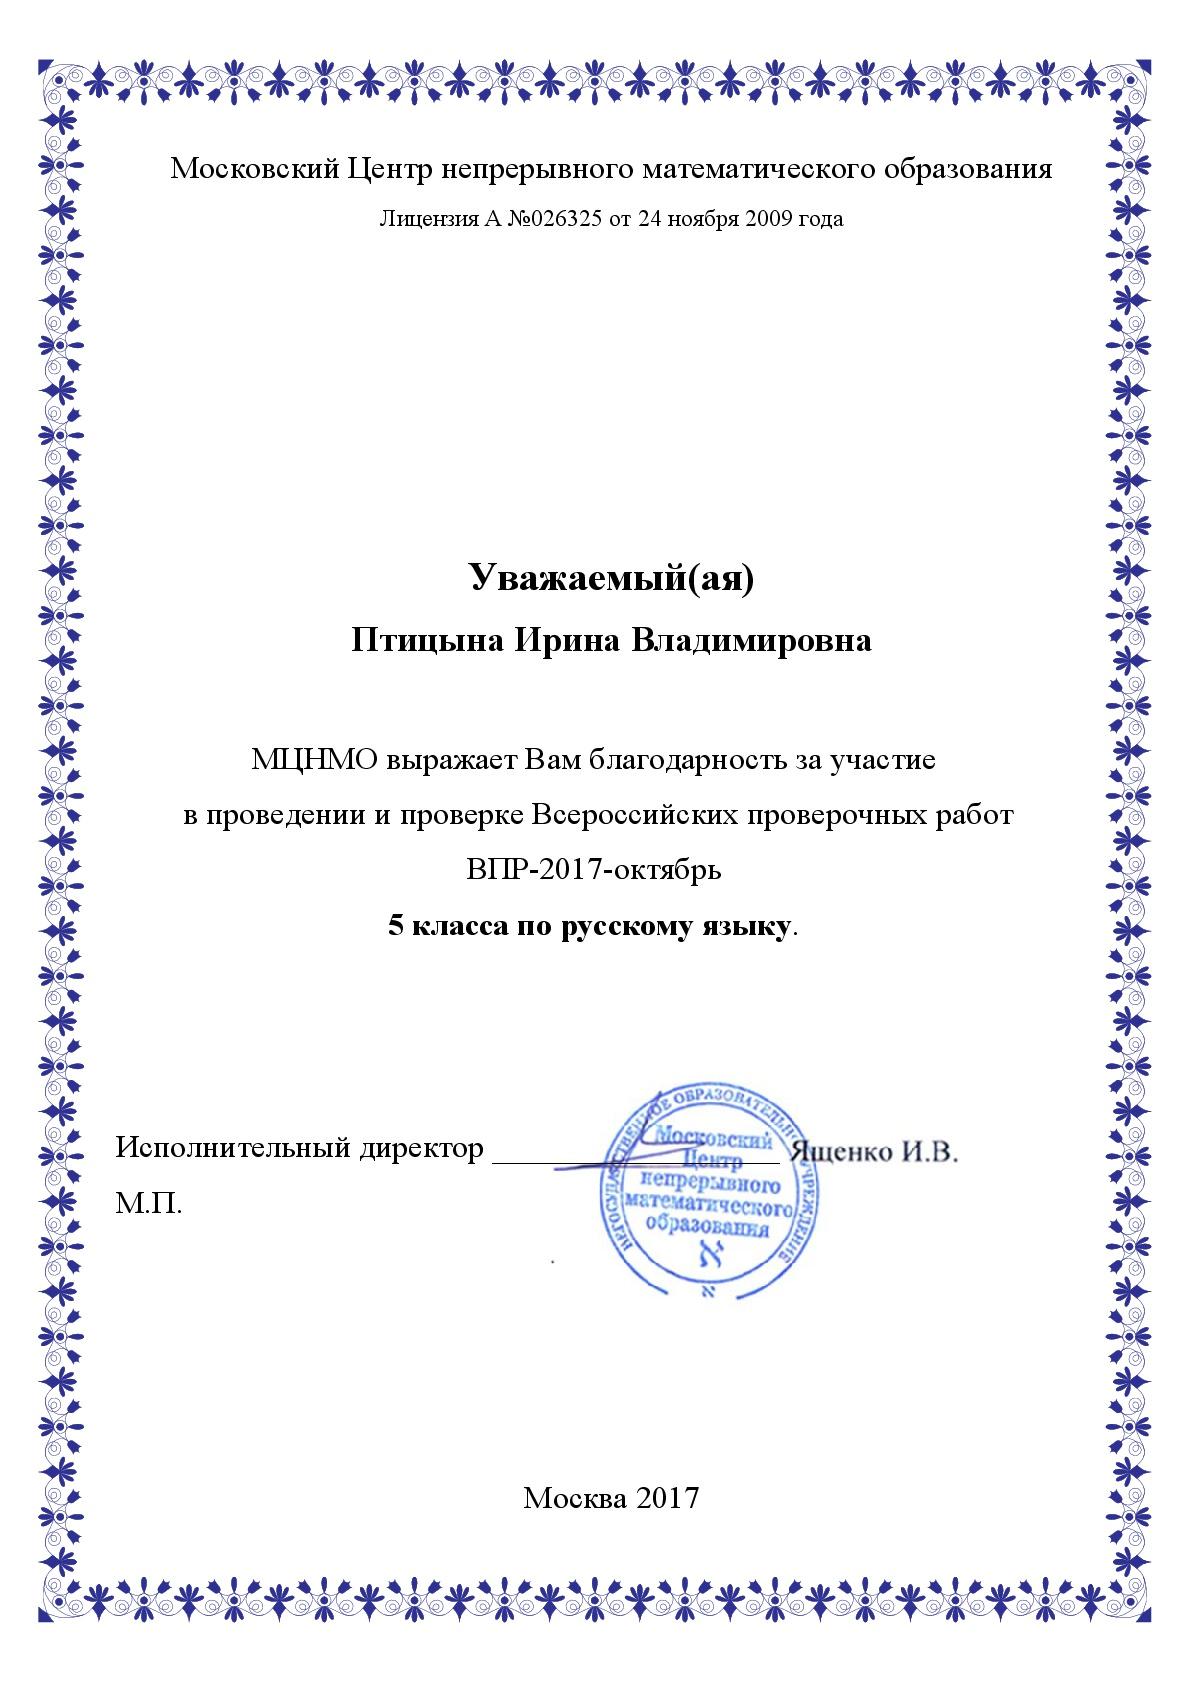 Птицына Ирина Владимировна. Благодарность